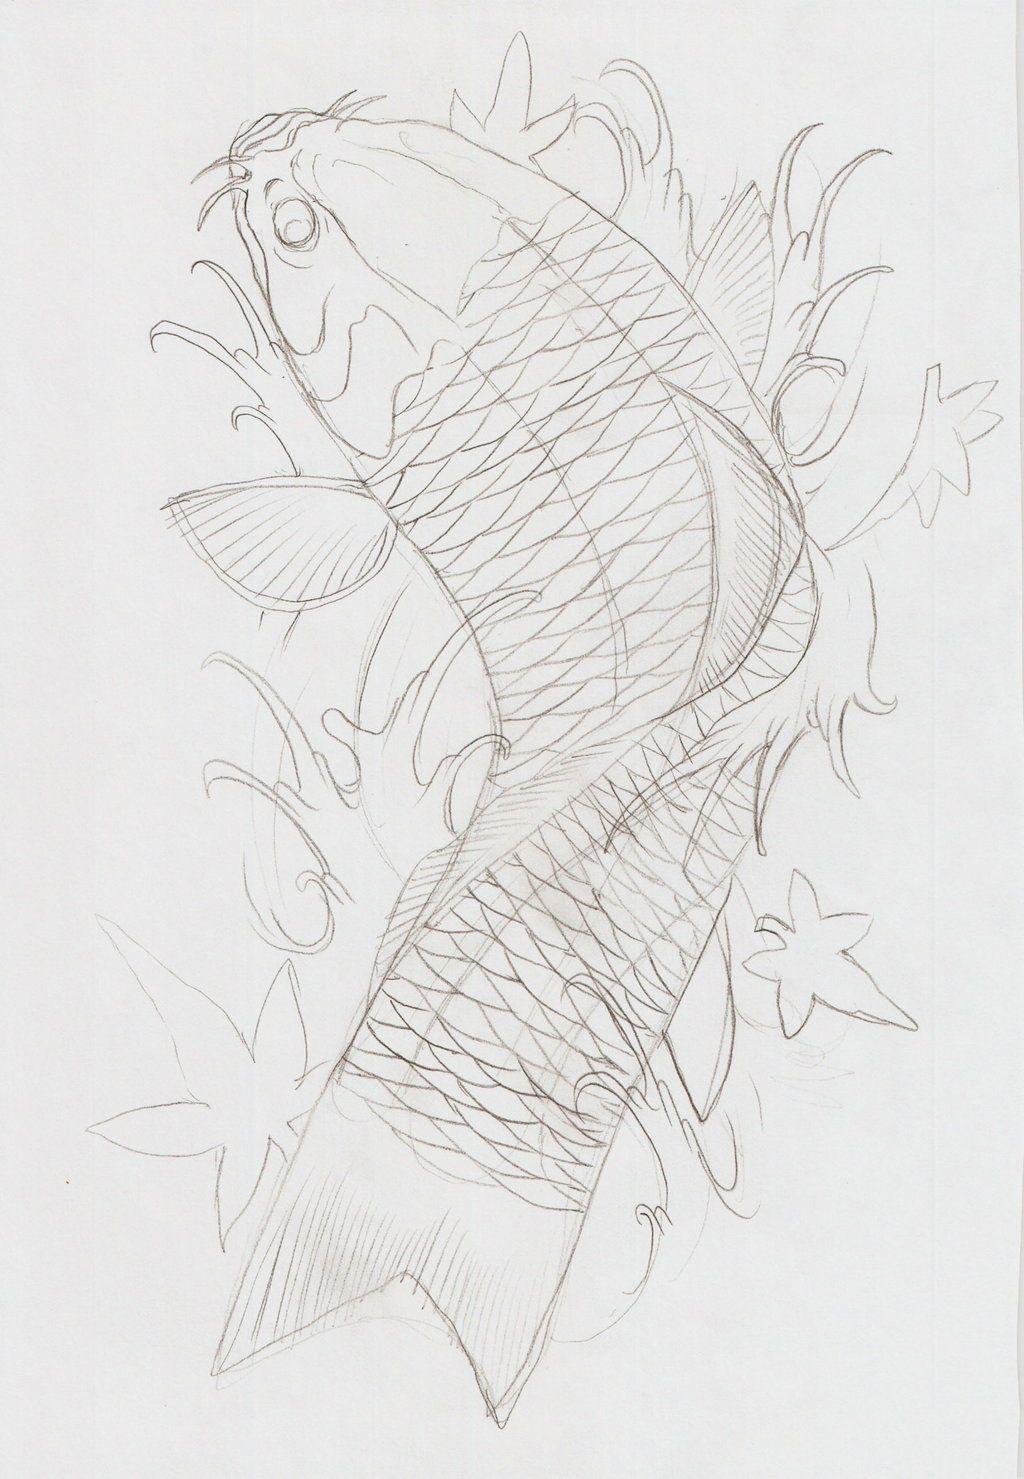 Koi Fish Tattoos Outline Koi Fish Viii Outline By Eltri